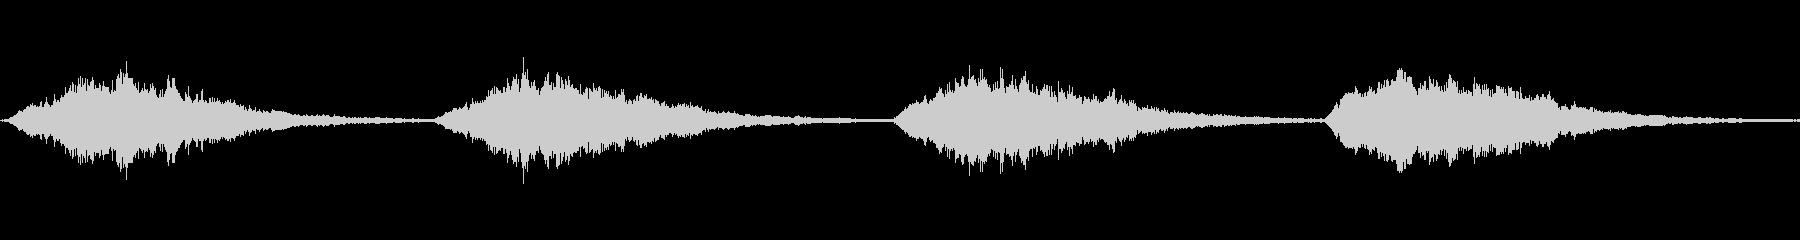 ワイルドなパノラマの景色に浮かぶ、...の未再生の波形